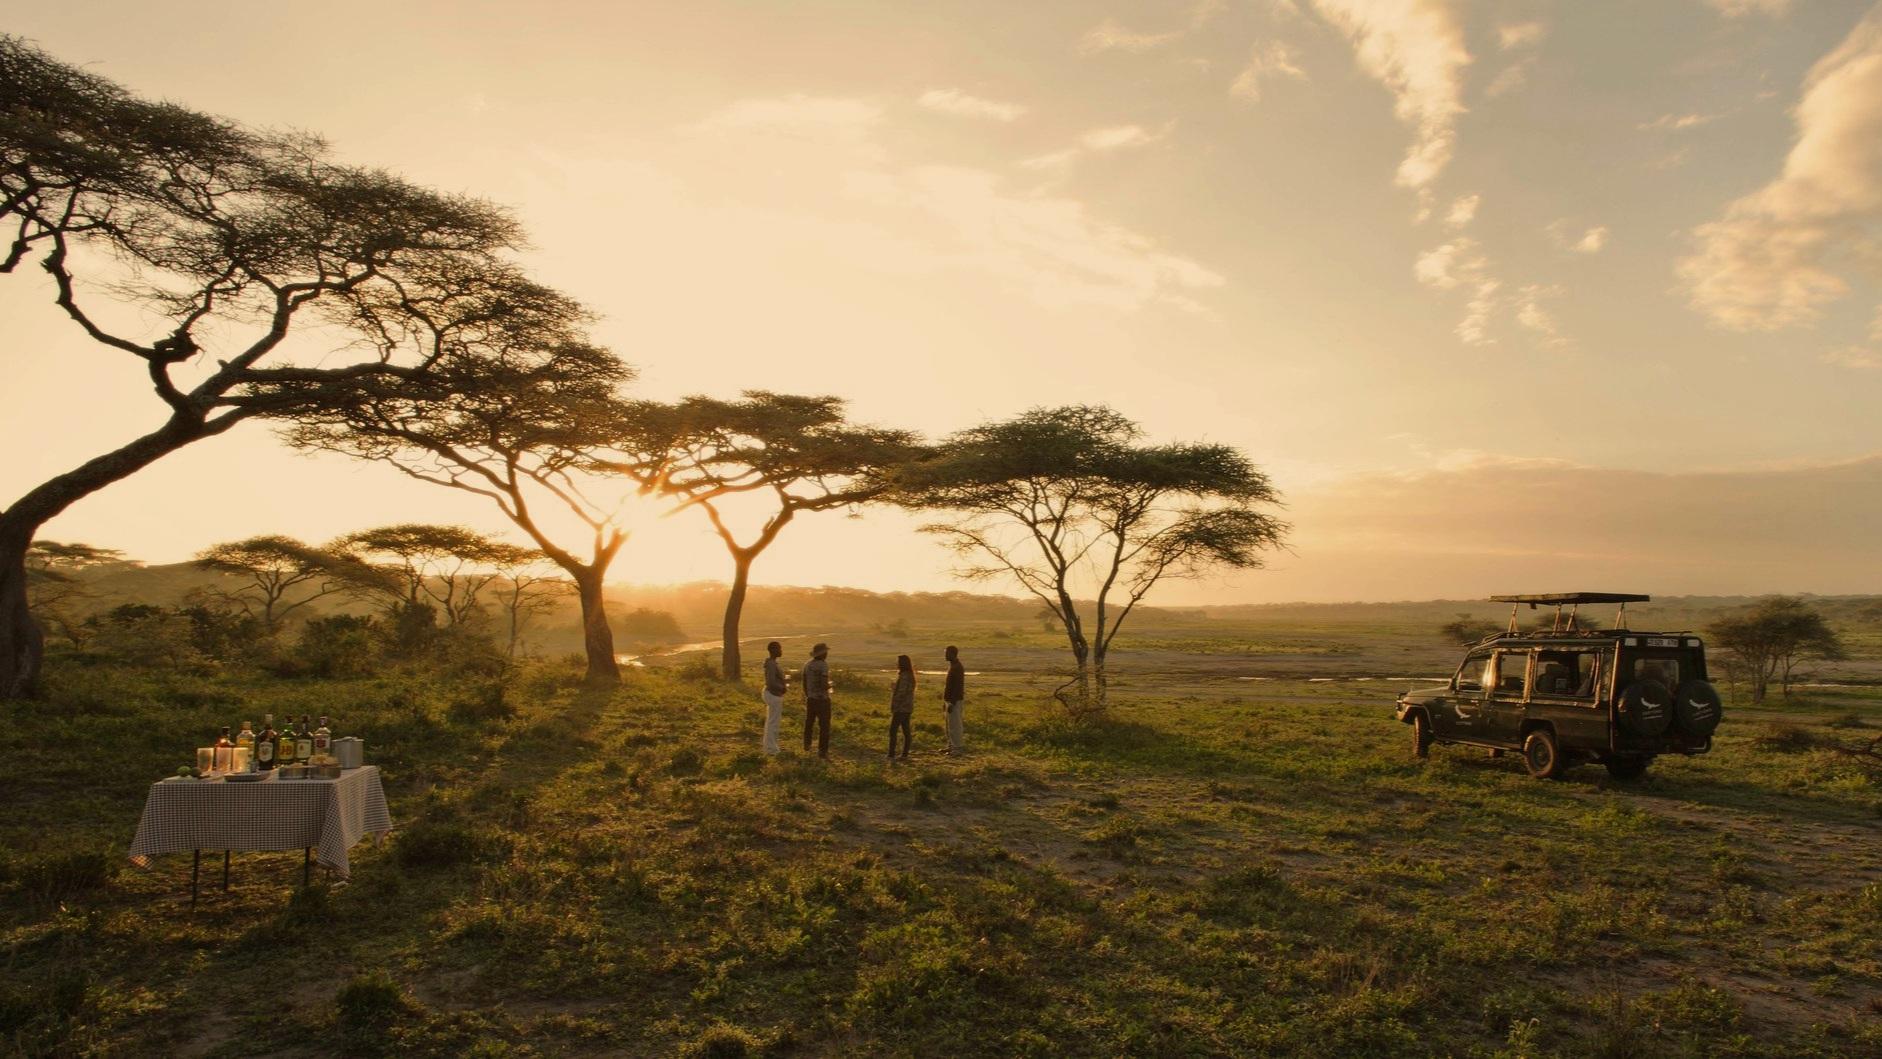 serengeti safaris - best mobile camp safaris